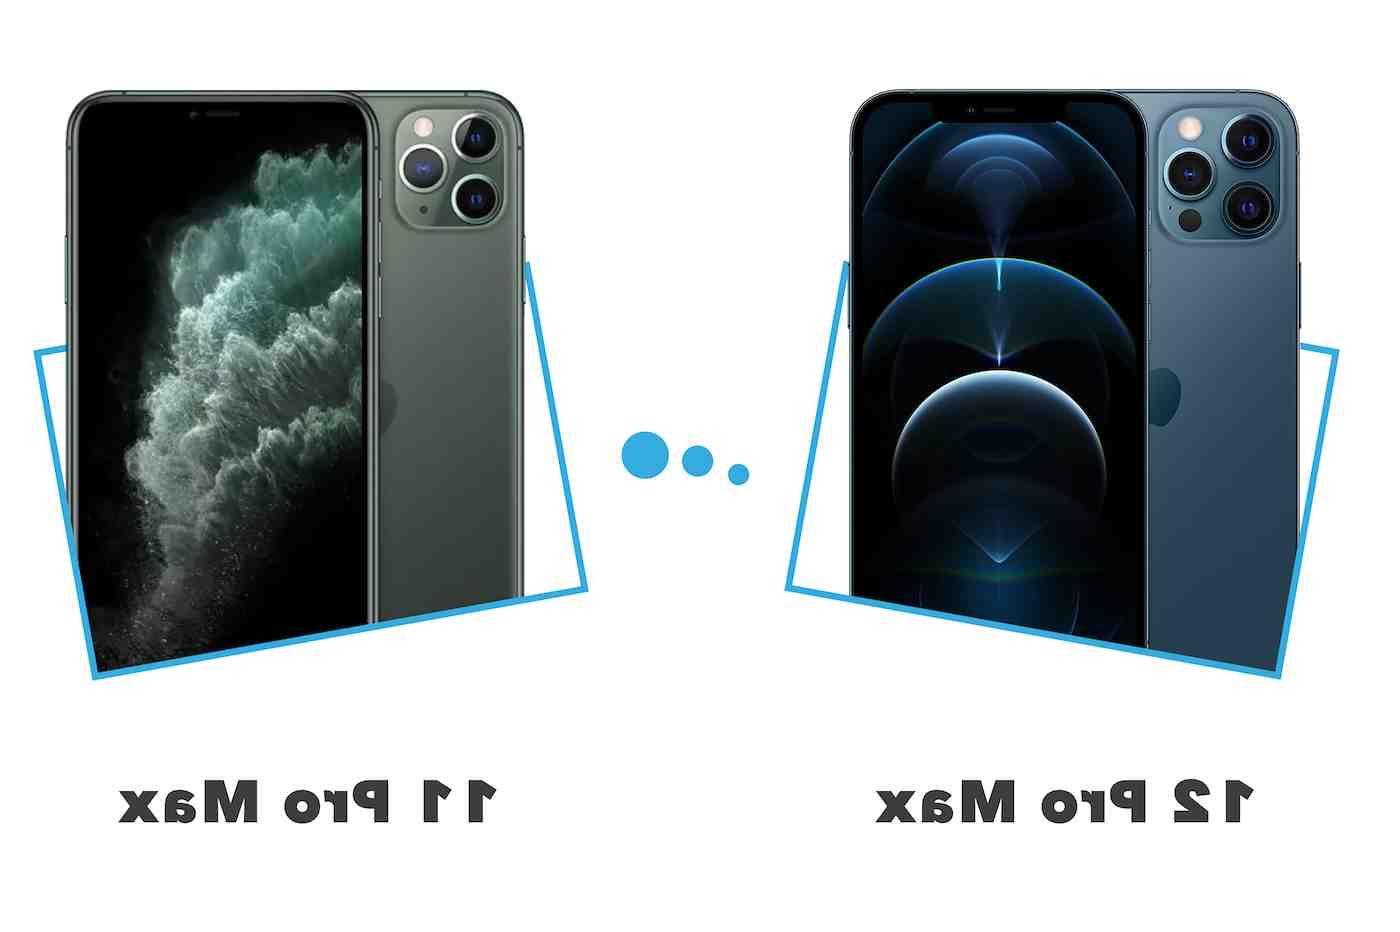 Iphone 12 pro max versus iphone 12 pro